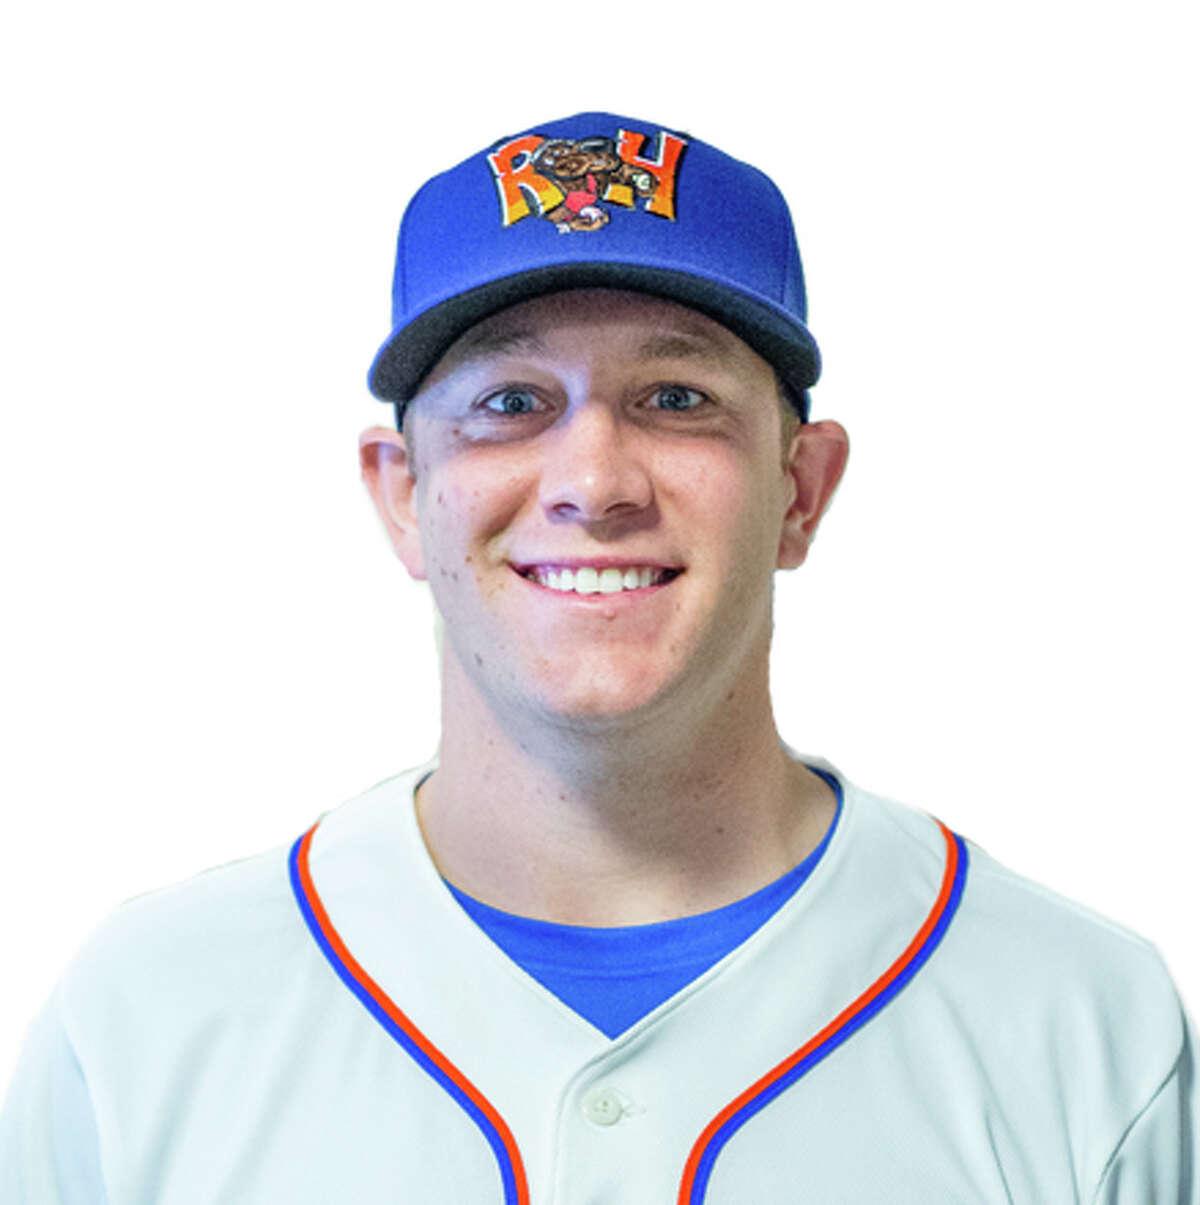 2019 RockHounds pitcher Matt Milburn